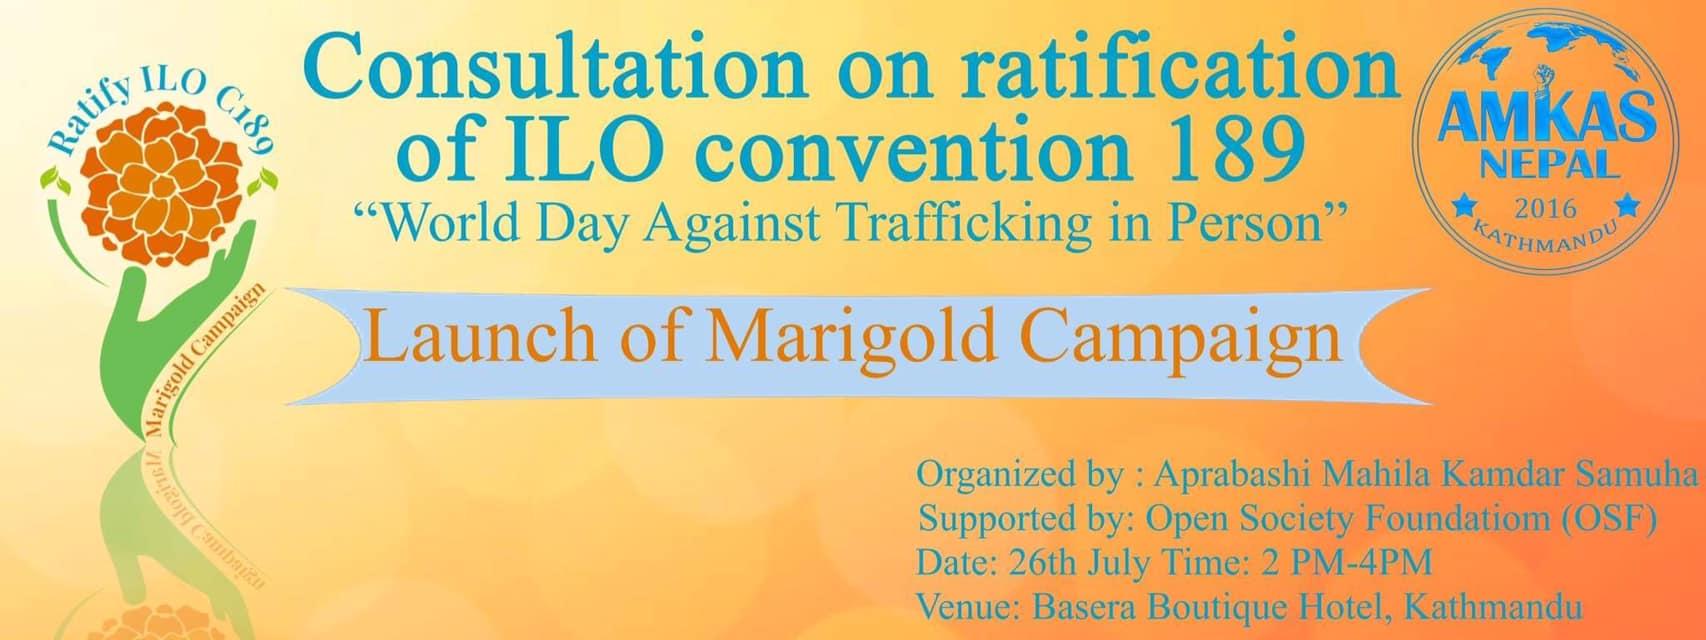 Marigold Campaign